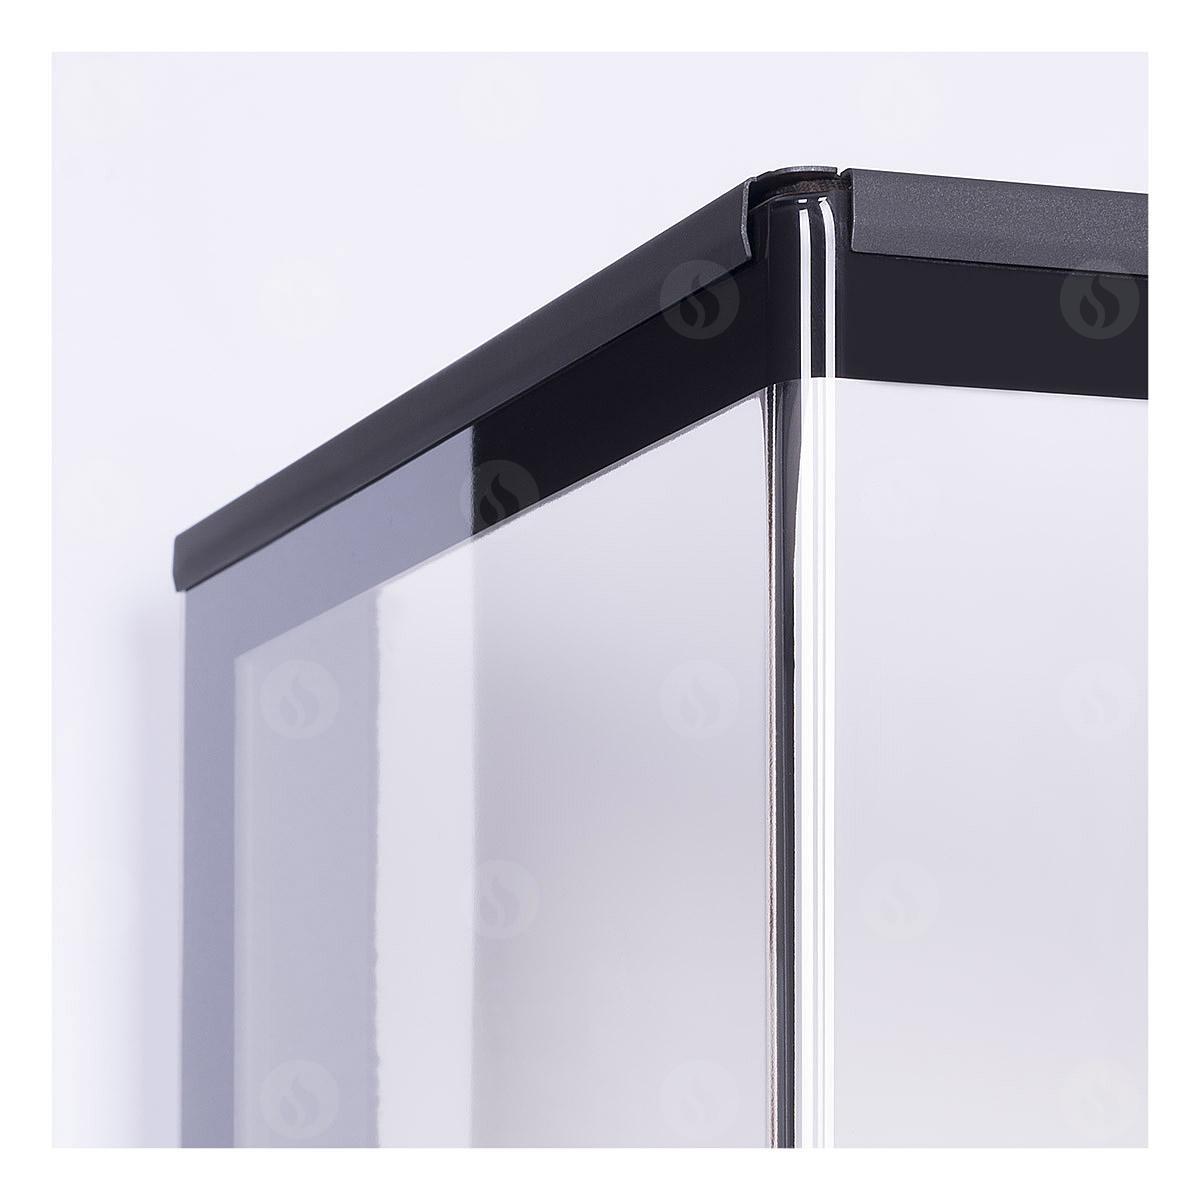 Romotop - HEAT C 3g L 65.52.31.01(21) - výsuvná dvířka Materiál: ohýbané sklo